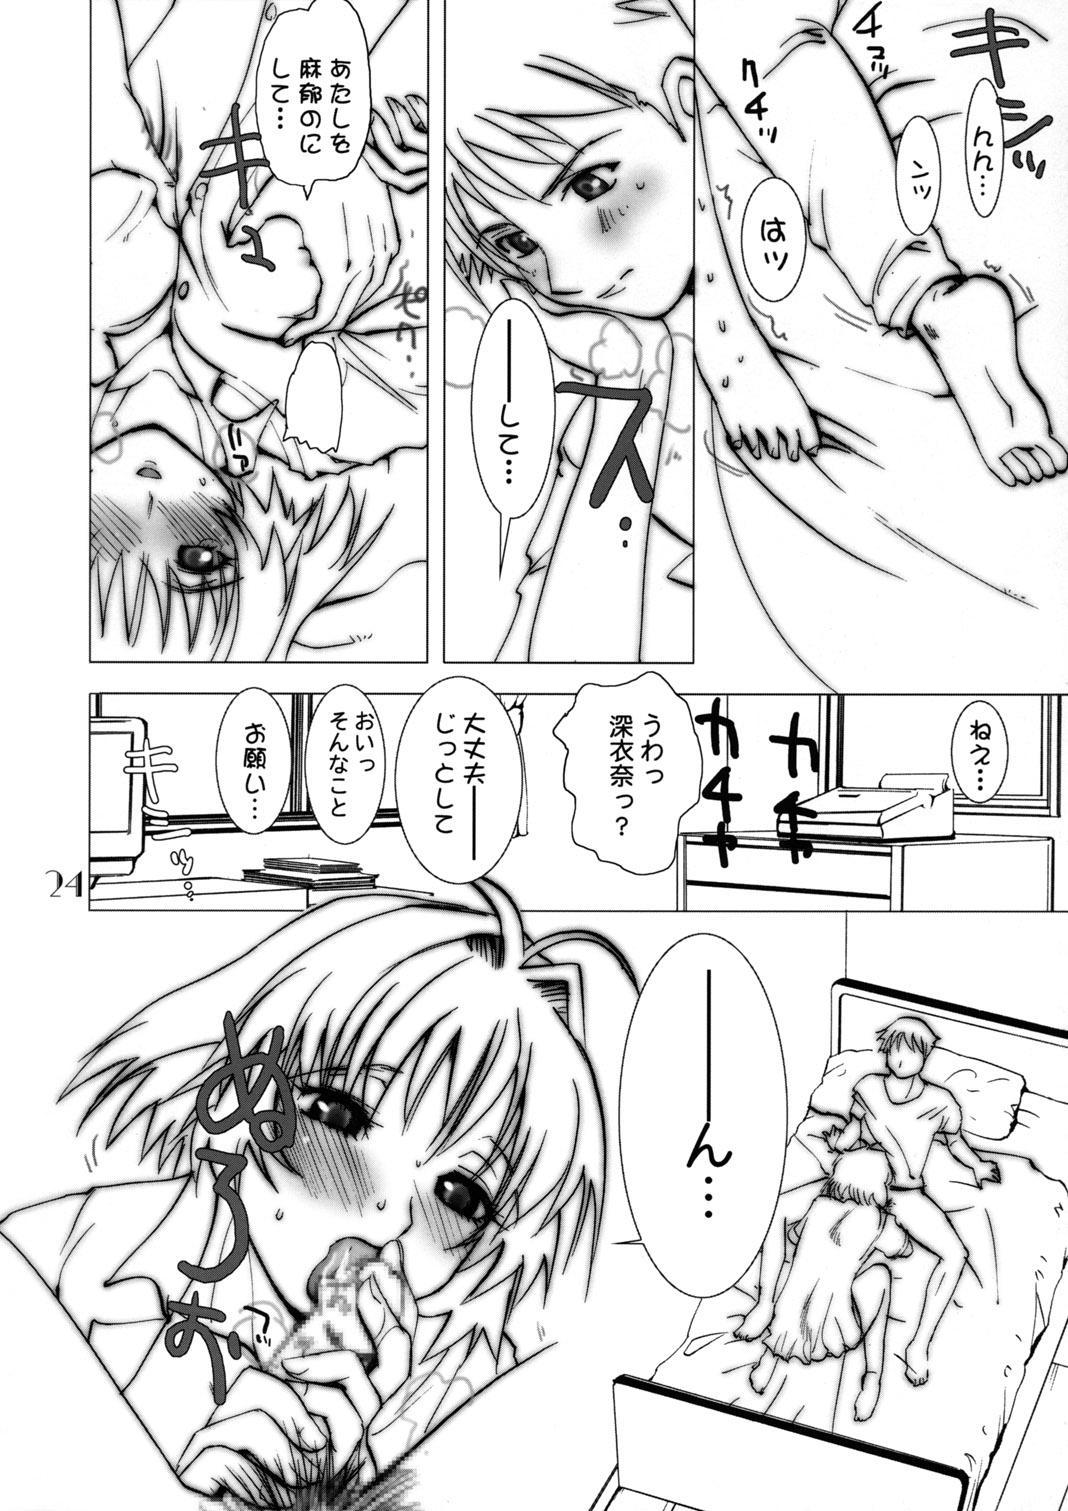 Slave Unit Vol.3 Hokka Hokka Musume 22